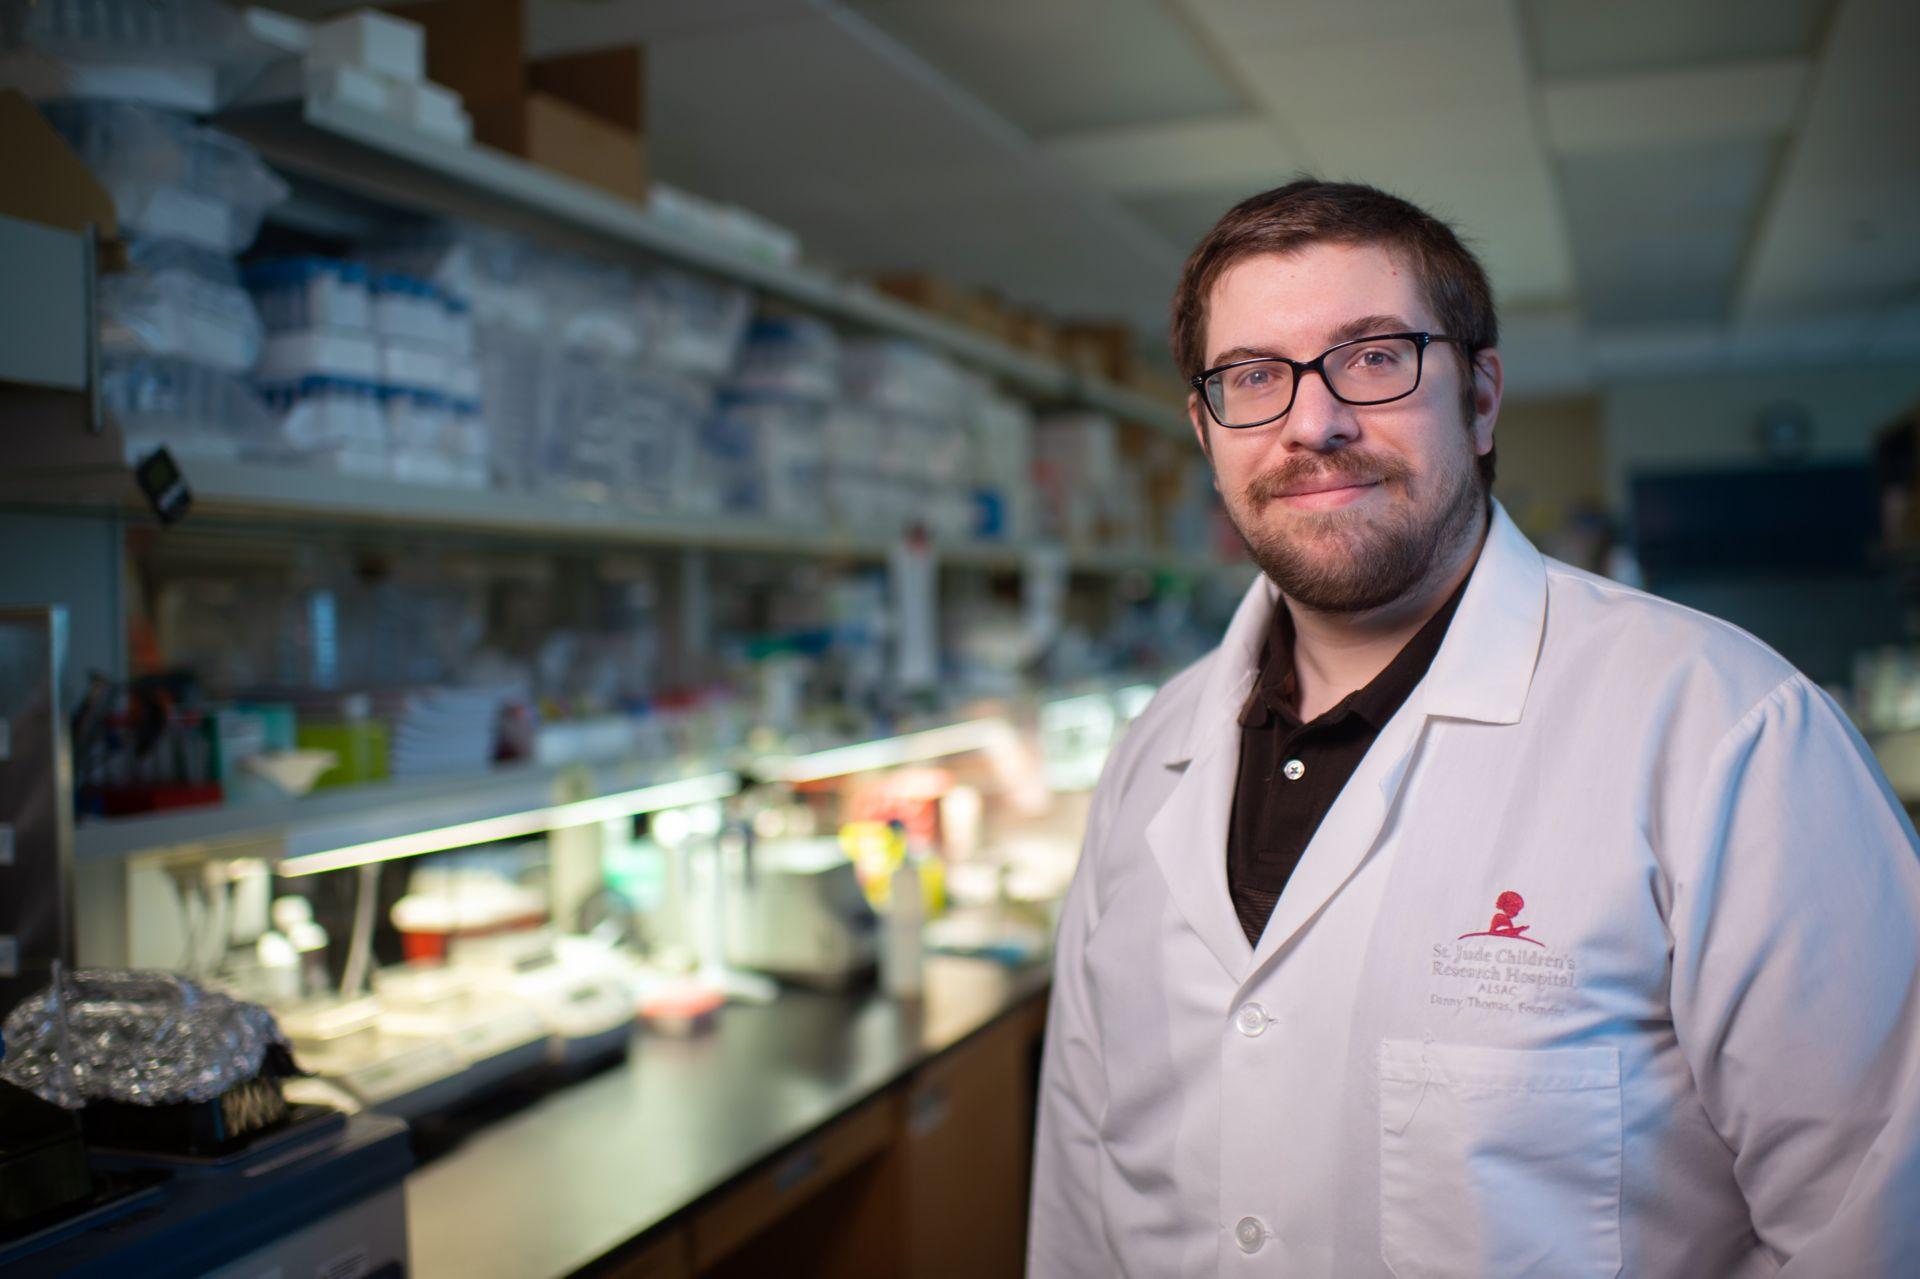 David Brice, PhD